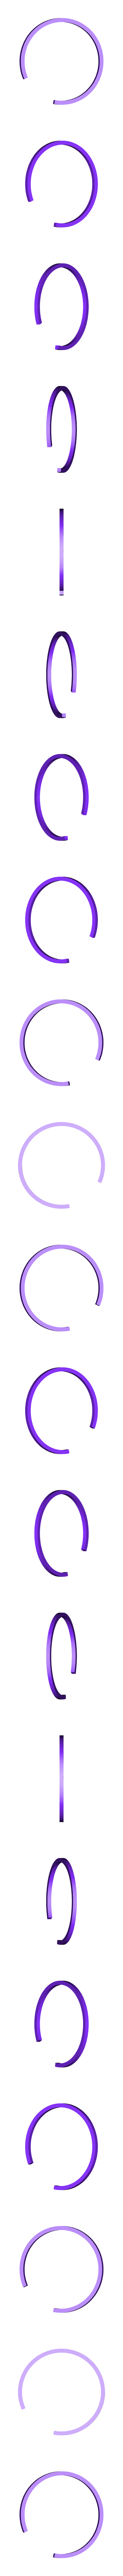 Goggle_Minions_2_eyes_Looker.stl Télécharger fichier STL gratuit Lunettes de Minions à deux yeux • Objet imprimable en 3D, MVSValero